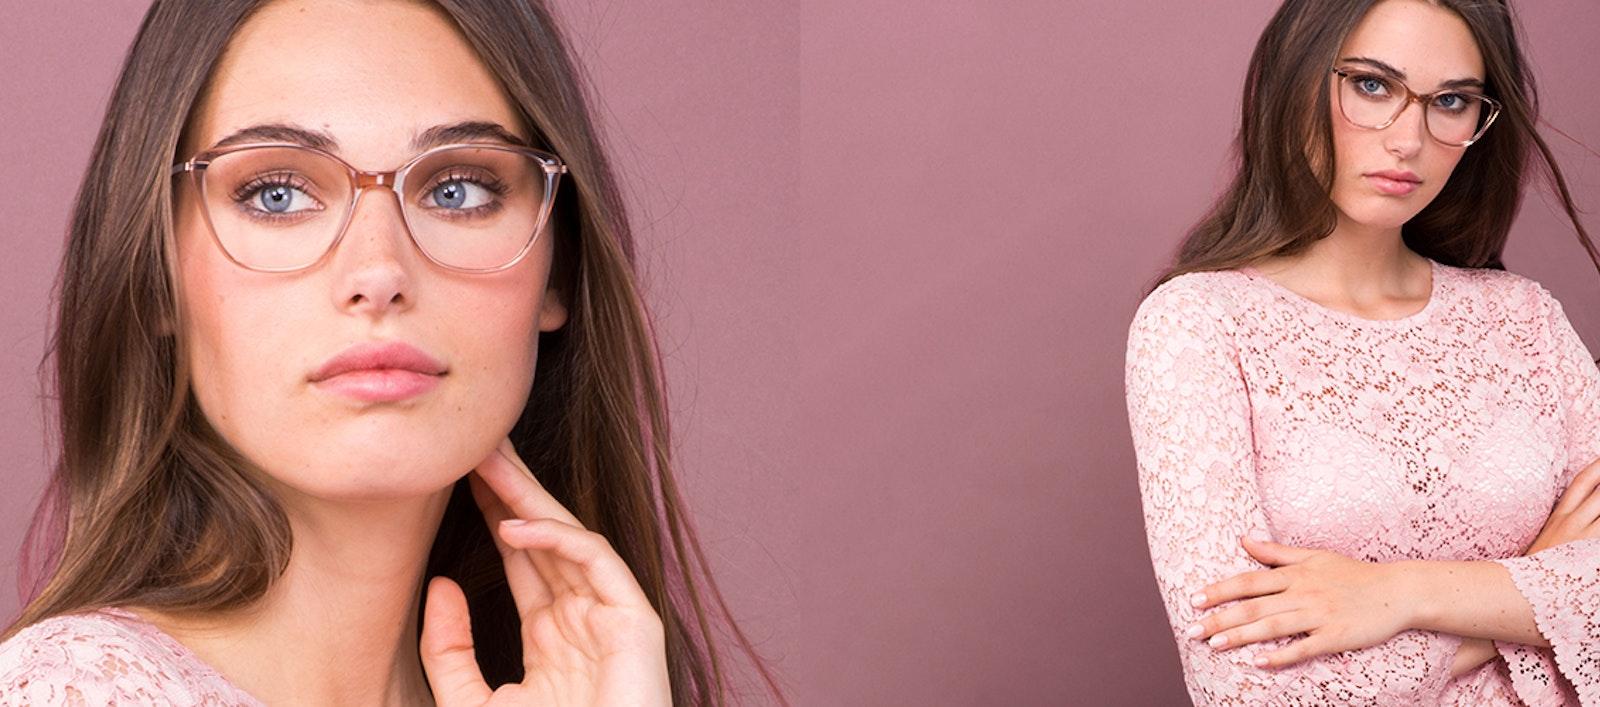 Lunettes tendance Rectangle Carrée Lunettes de vue Femmes Illusion Rose